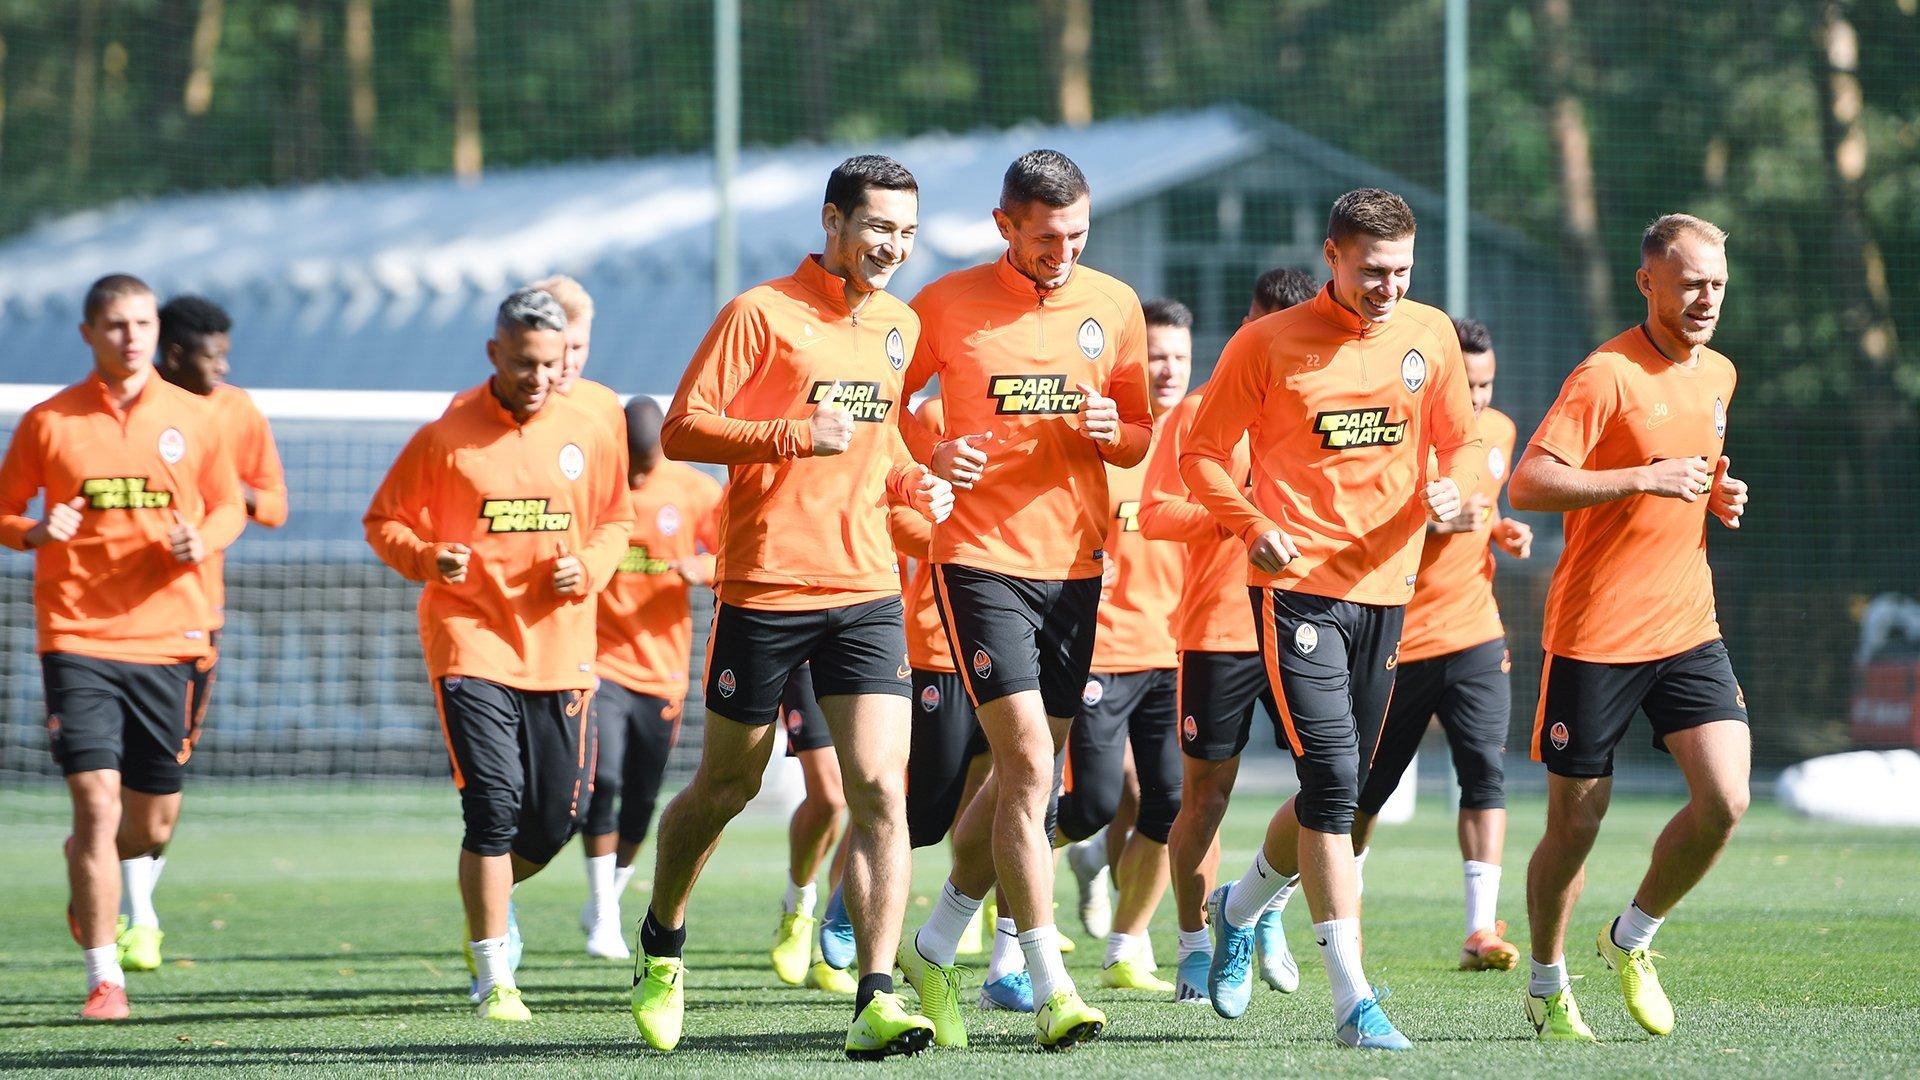 """Возвращение Каштру, Тайсон в шлеме и пятка Коно: """"Шахтер"""" готовится к """"Манчестер Сити"""" - изображение 18"""